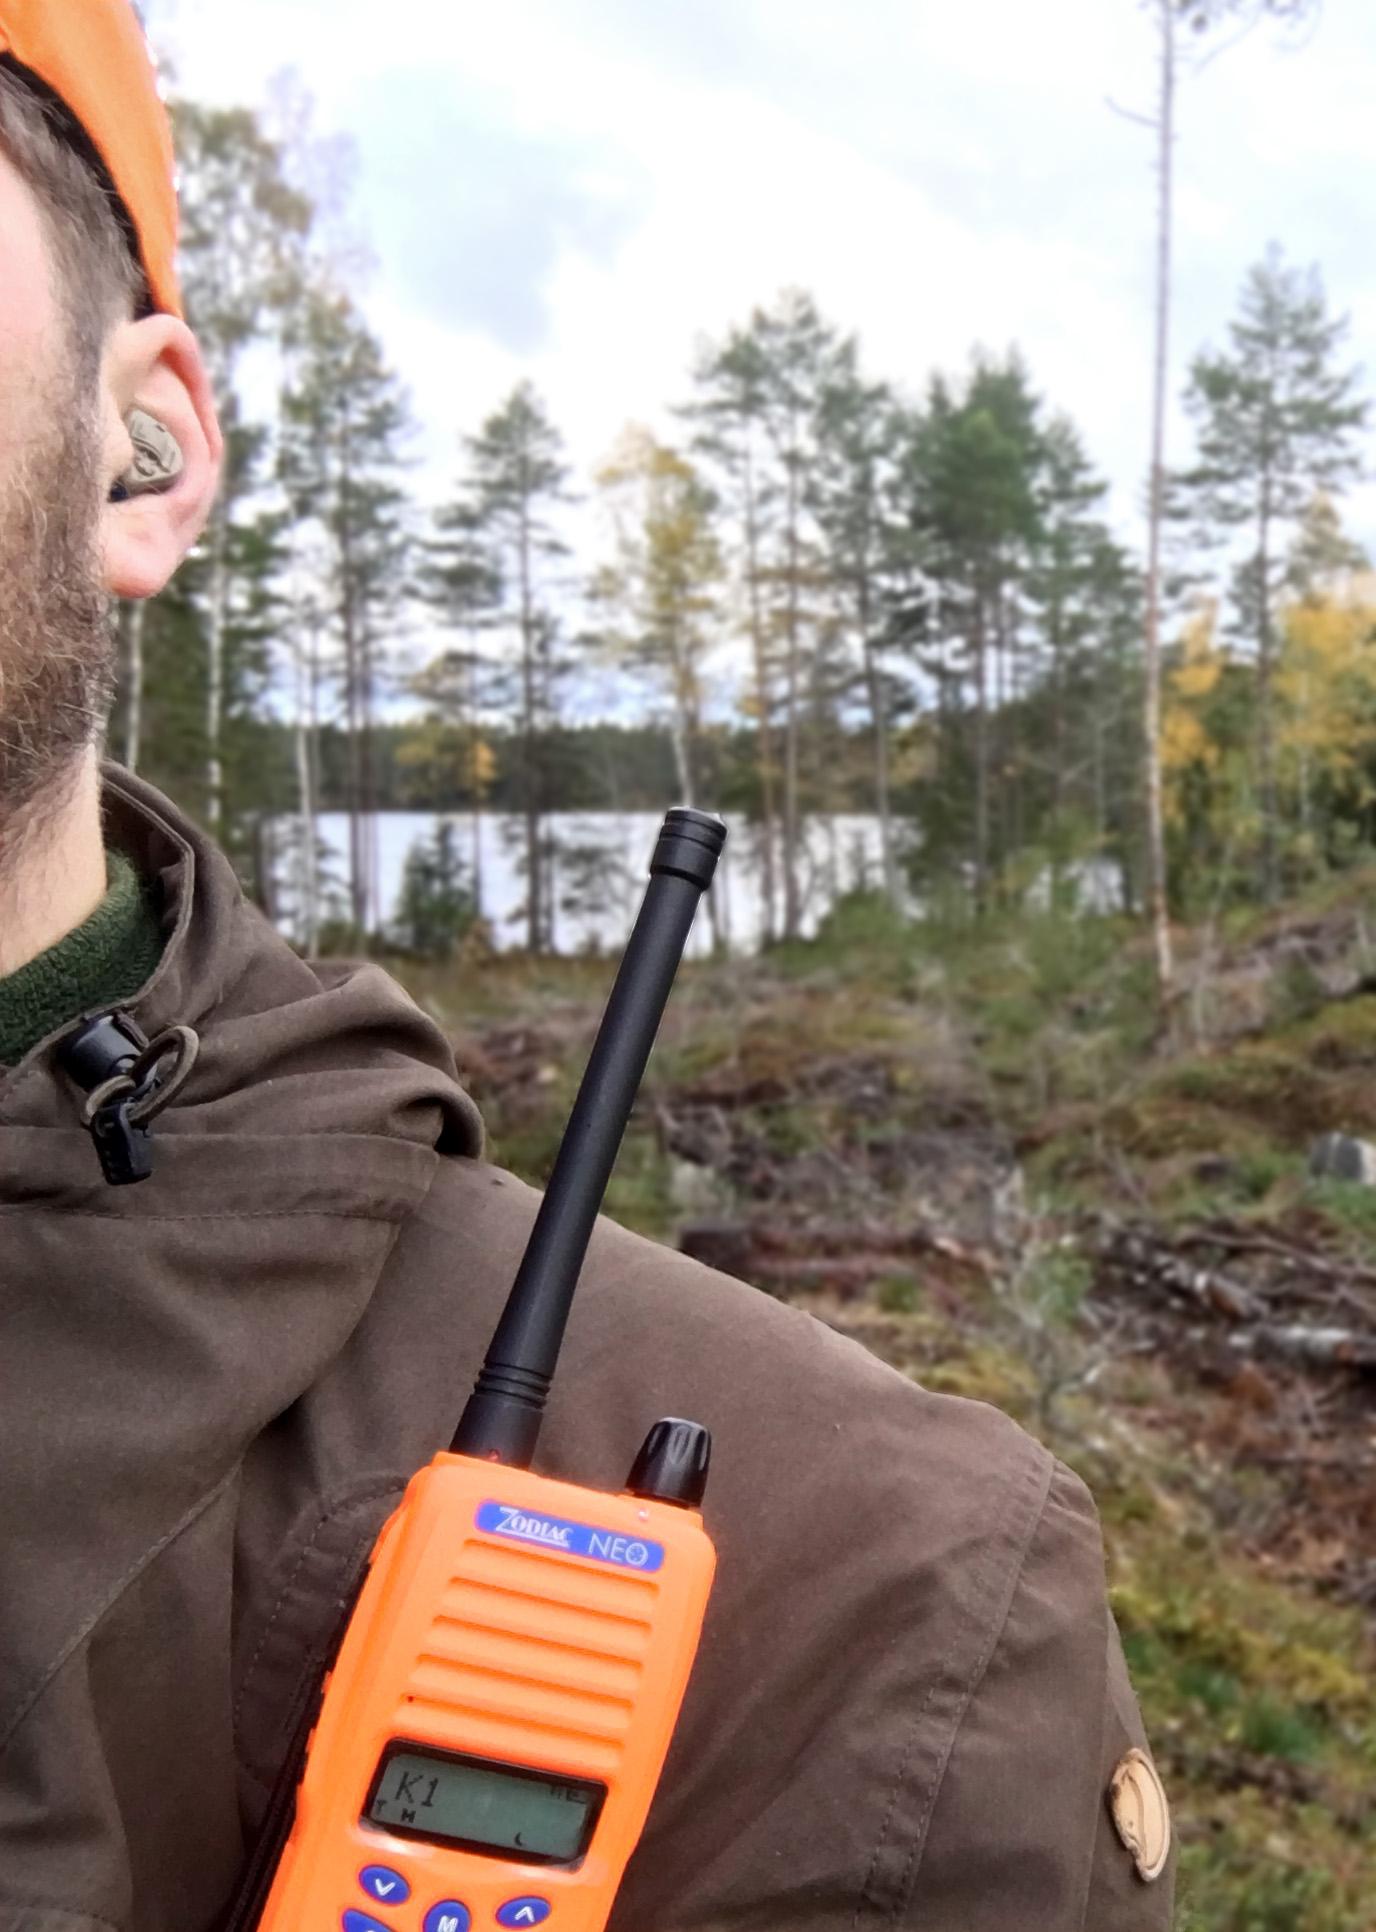 För bästa mottagning: placera radion högt på kroppen så antennen är fri över din axel.